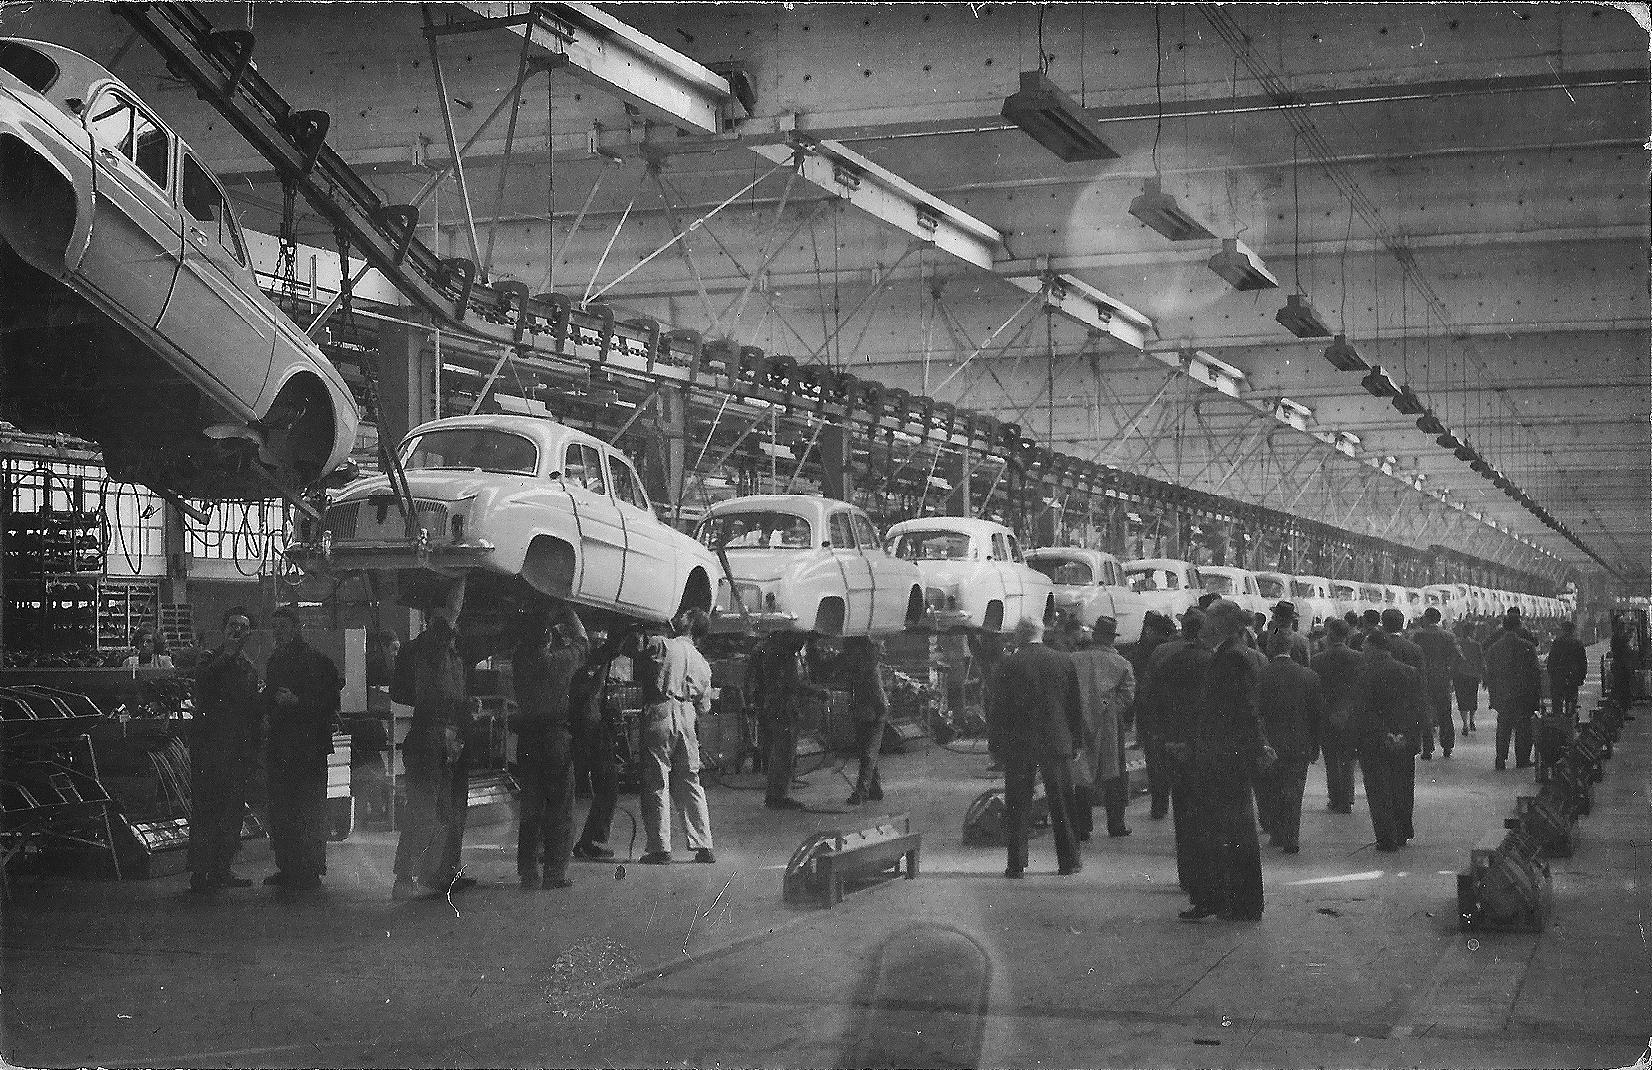 Dauphine blev fremstillet på Renaults fabrik i Flins. Den ligger ca. 40 km nordvest for Paris og er fabrikkens ældste og største fabrik indenfor landets grænser. Fabrikken blev etableret i 1952 og har siden starten produceret ca. 20 mio. biler. Ud over forskellige udgaver af Clio producerer fabrikken i dag blandt andet elbilen Zoe og batterier til denne, og komponenter til Renault og Nissan-modeller.